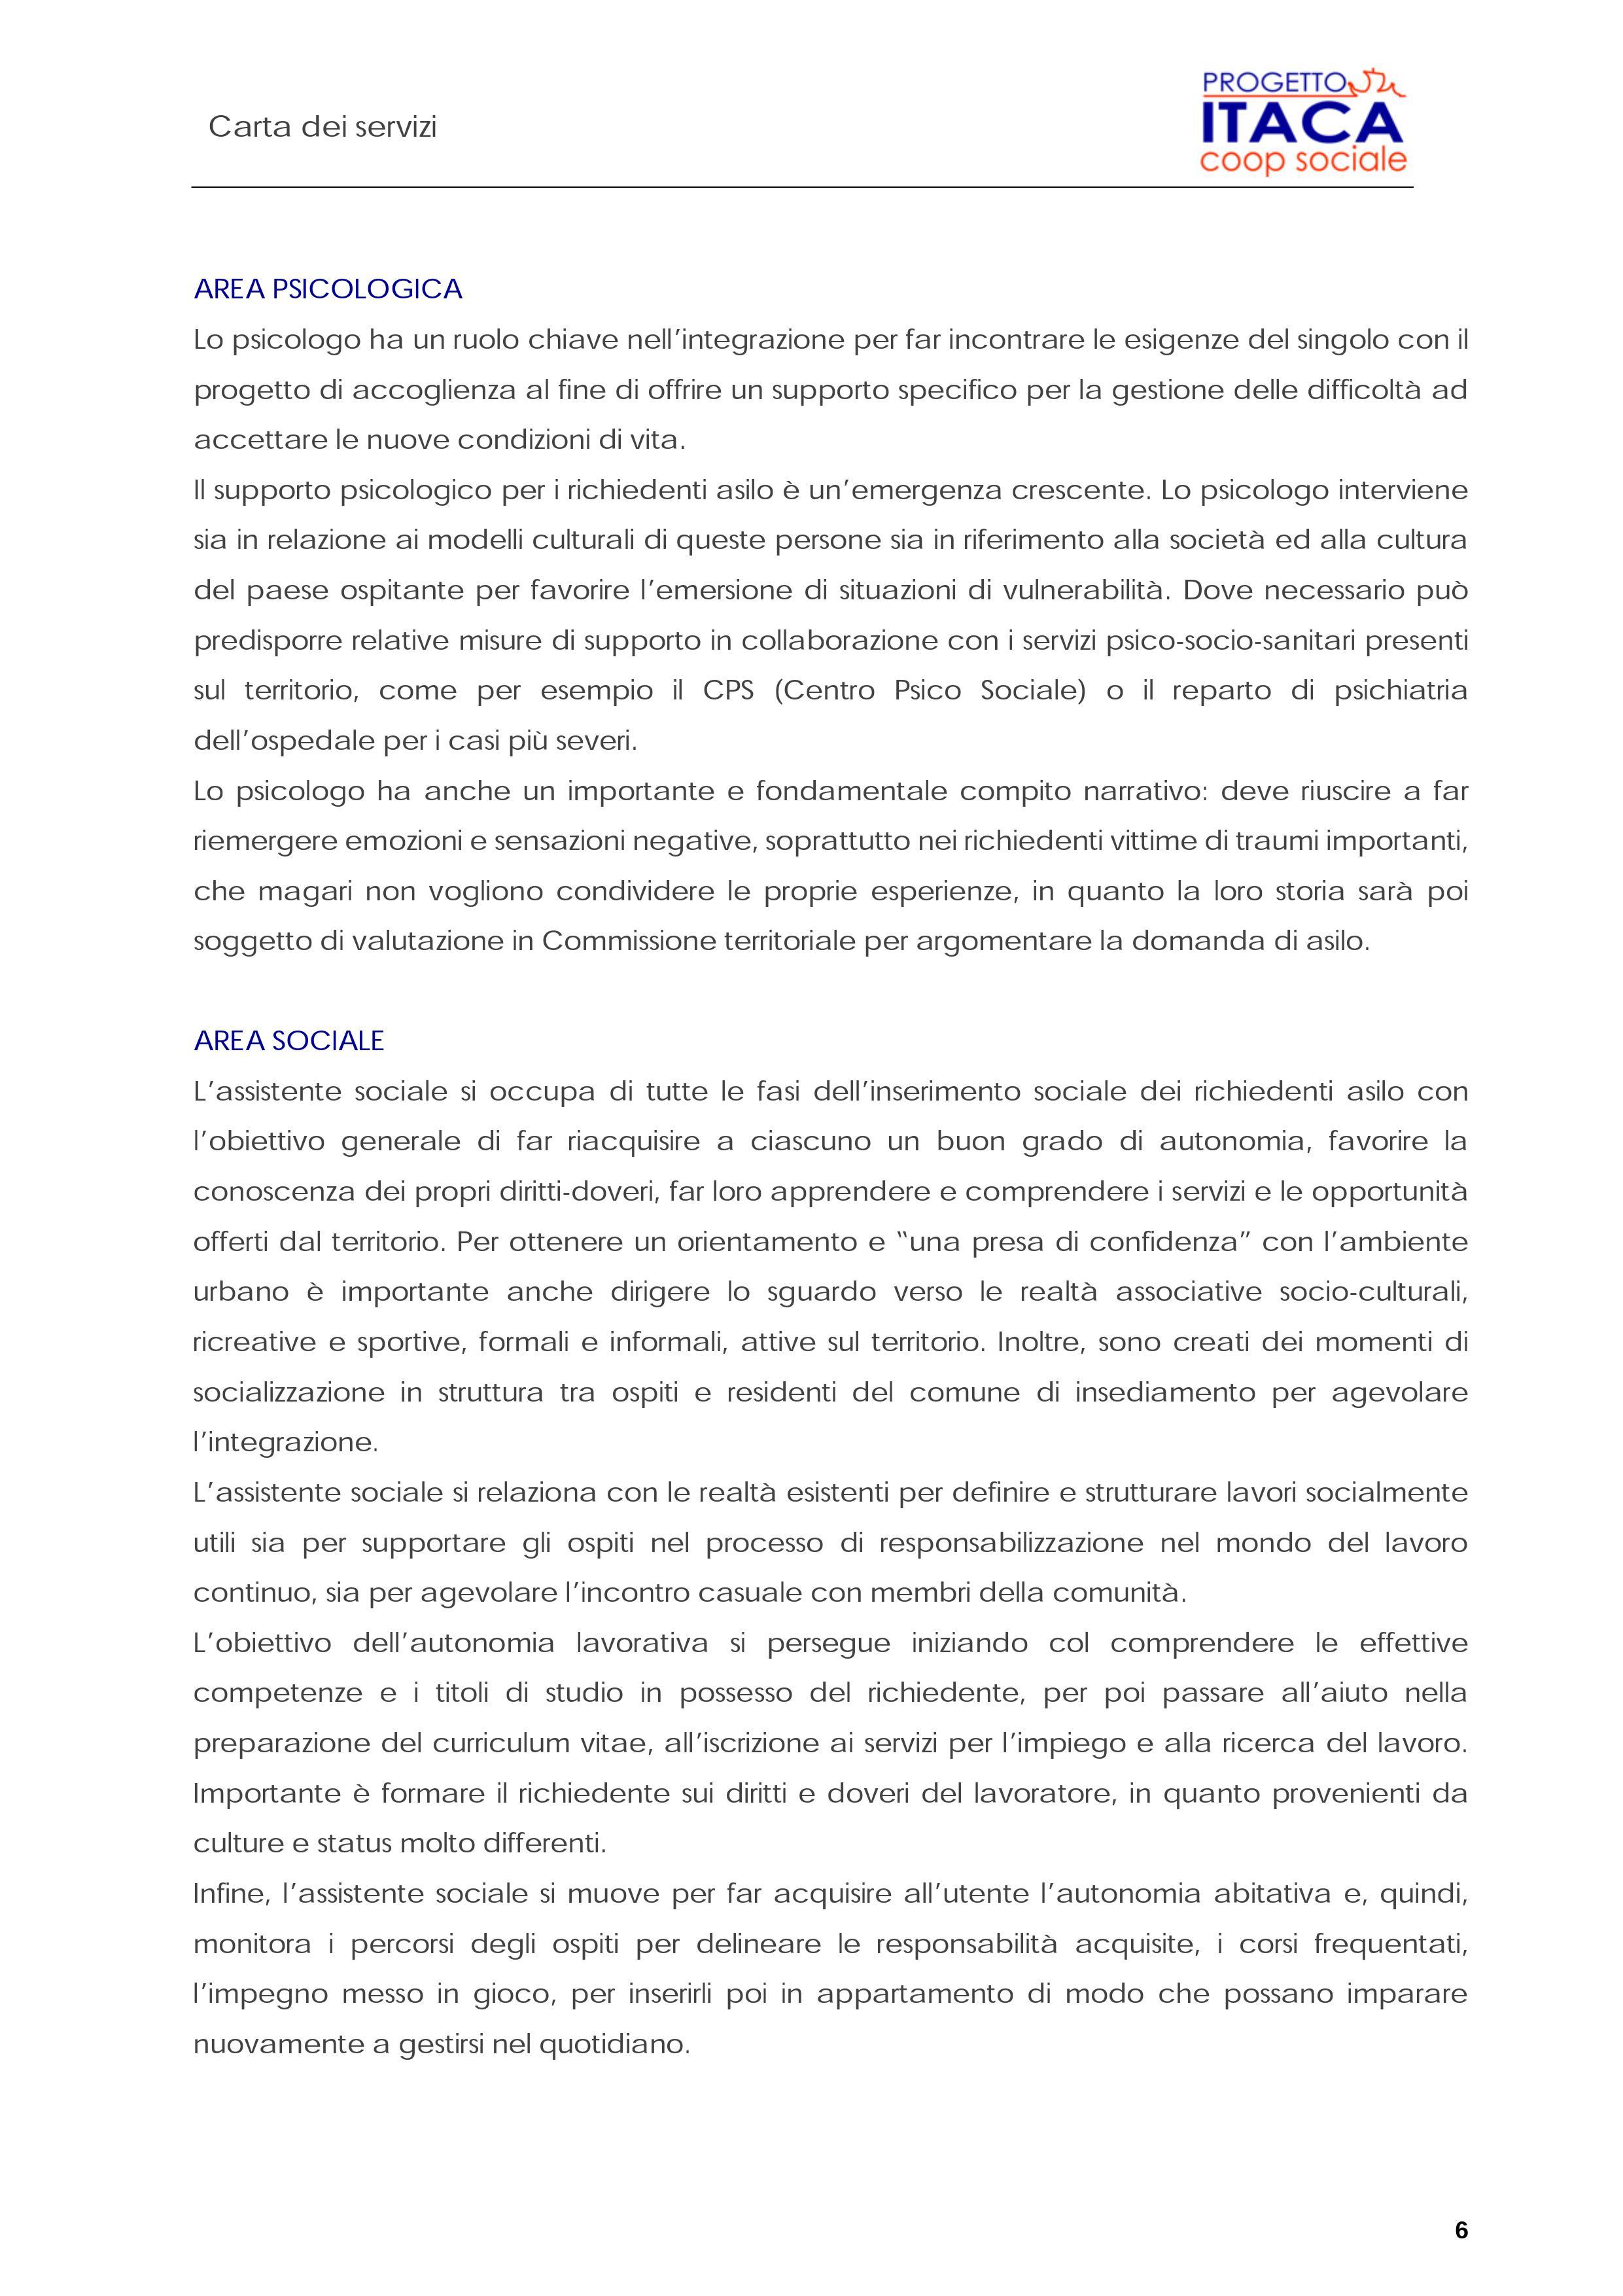 Carta dei Servizi pag. 7